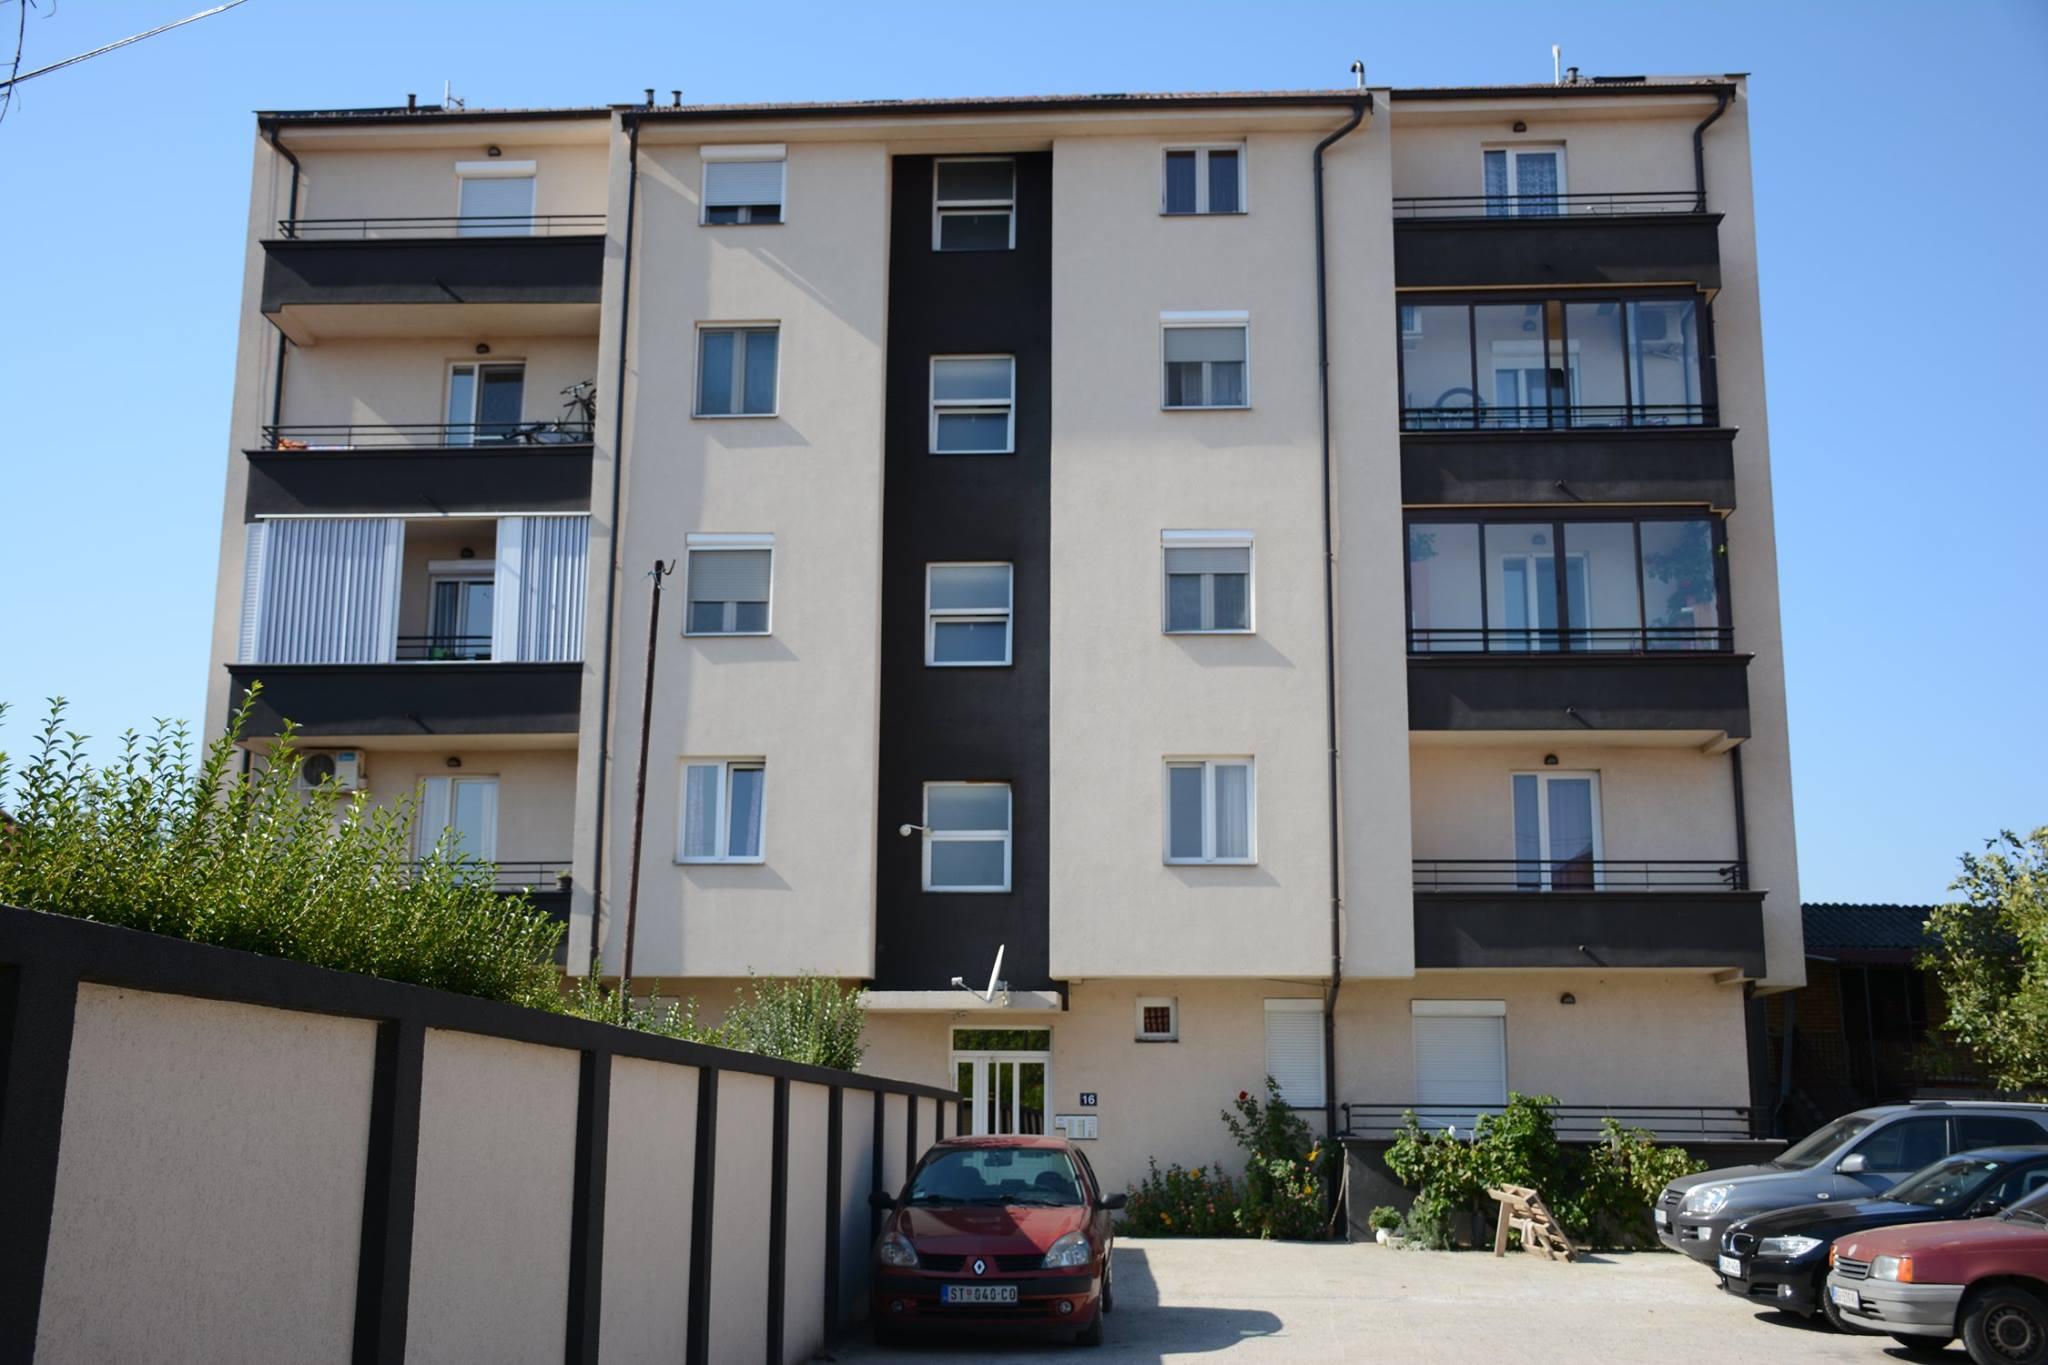 grge-andrijanovica-7-ulica-broj-16